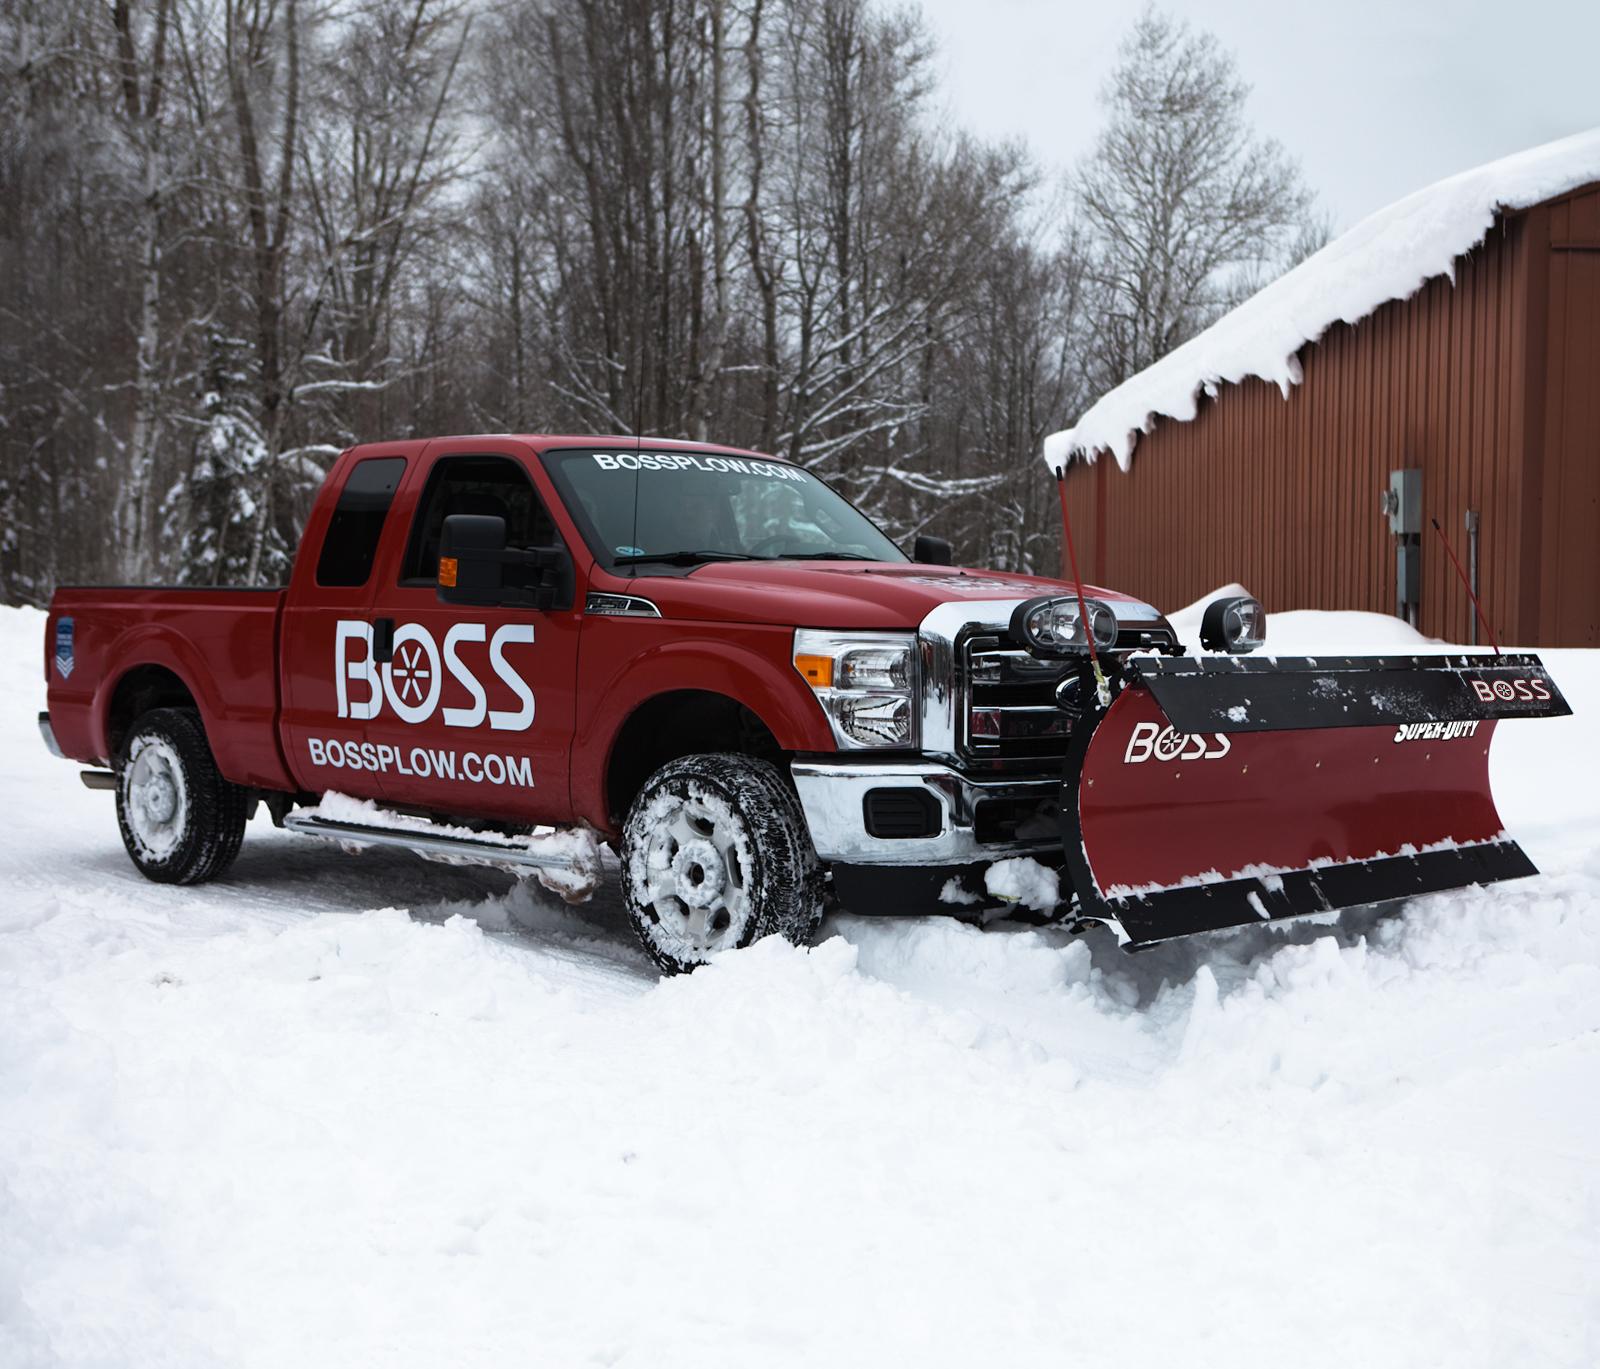 boss snowplow super duty plows rh bossplow com Ford Plow Truck Mounts Meyer Plow Mount Ford